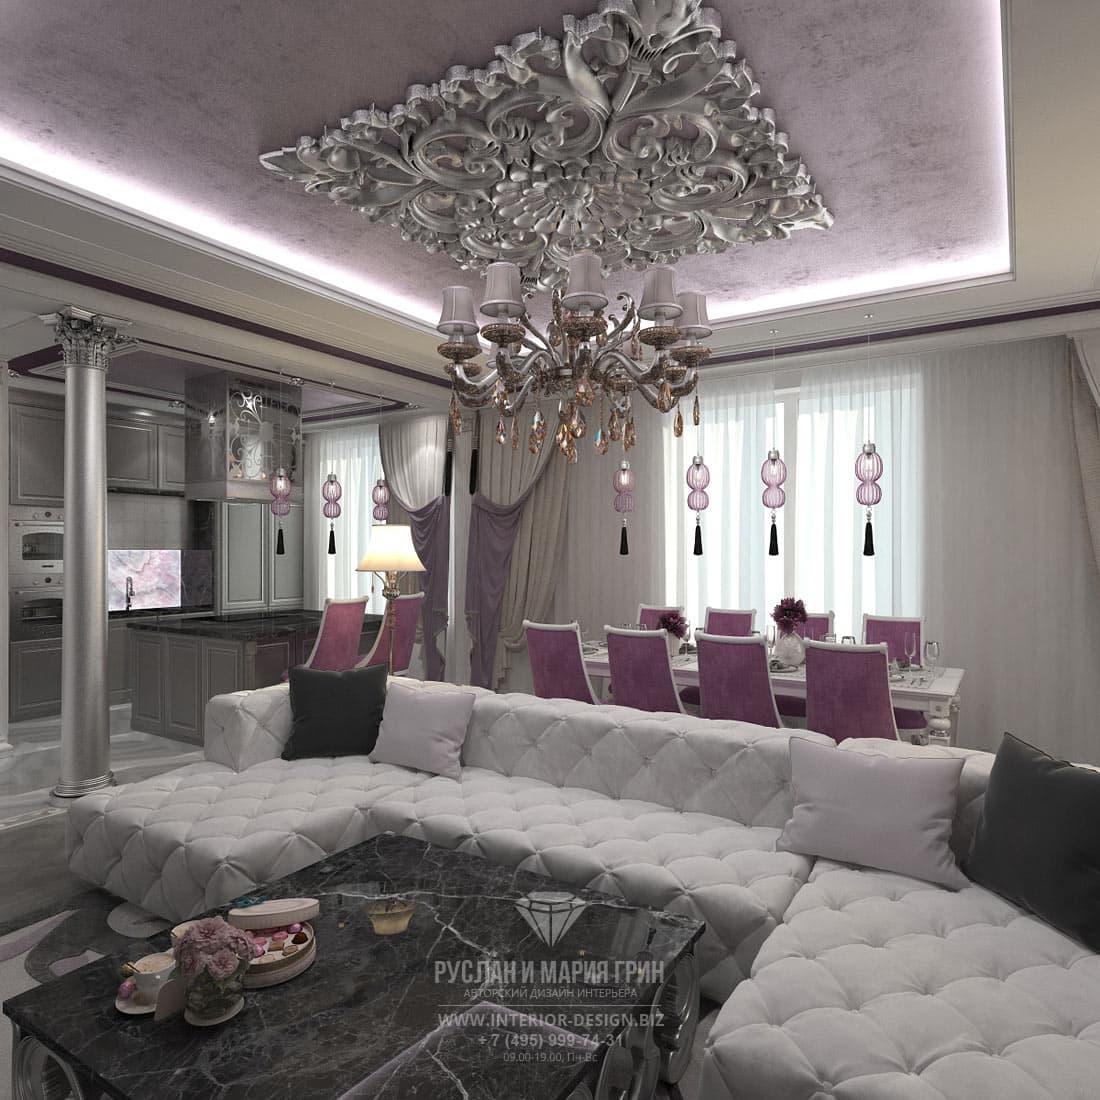 Дизайн интерьера большой гостиной в загородном доме